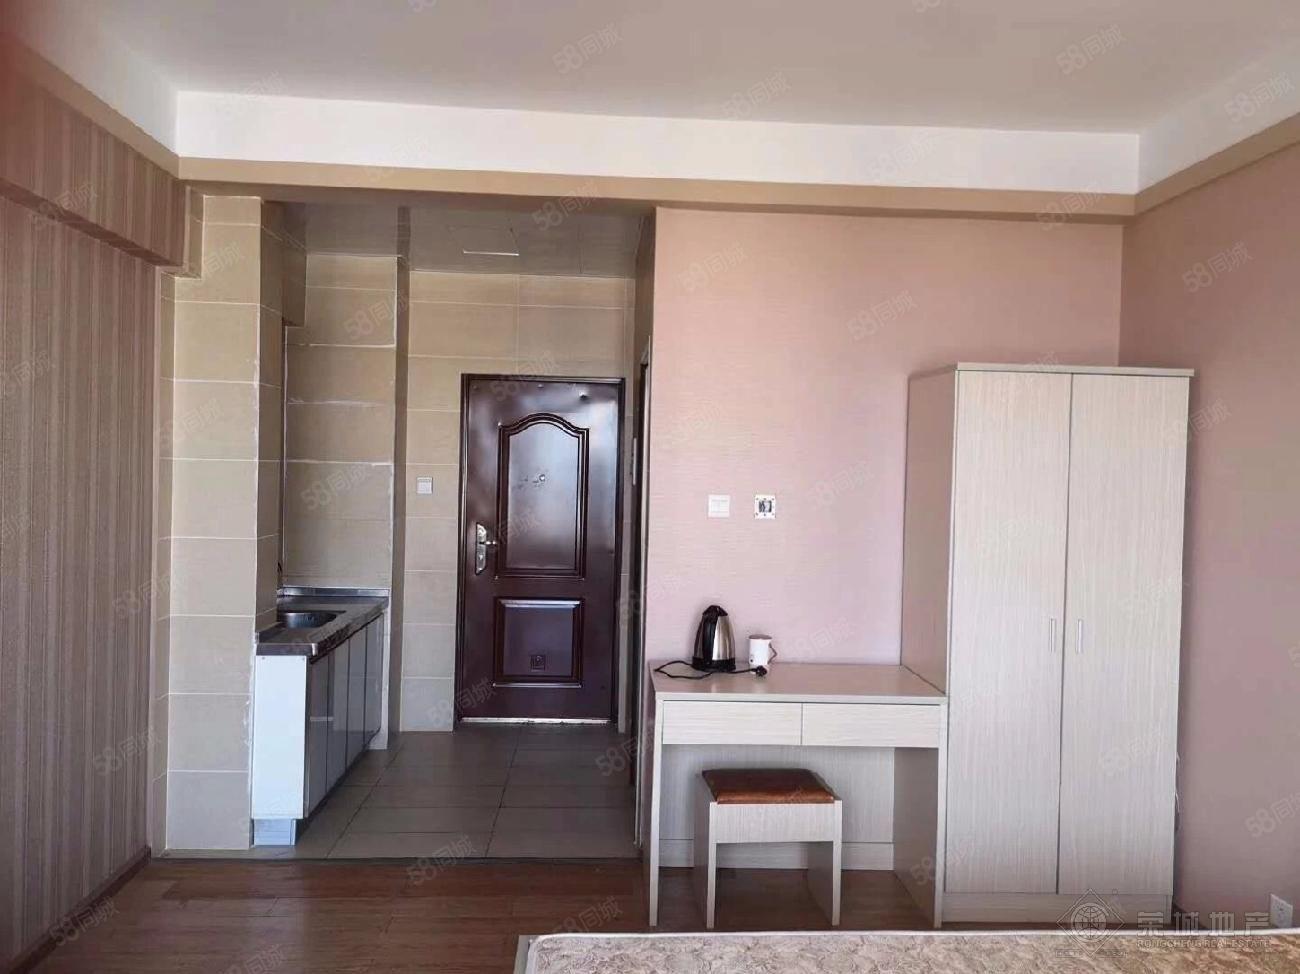 龙马移动营业厅附近时代新都汇,精装修单身公寓带家具,可季度付